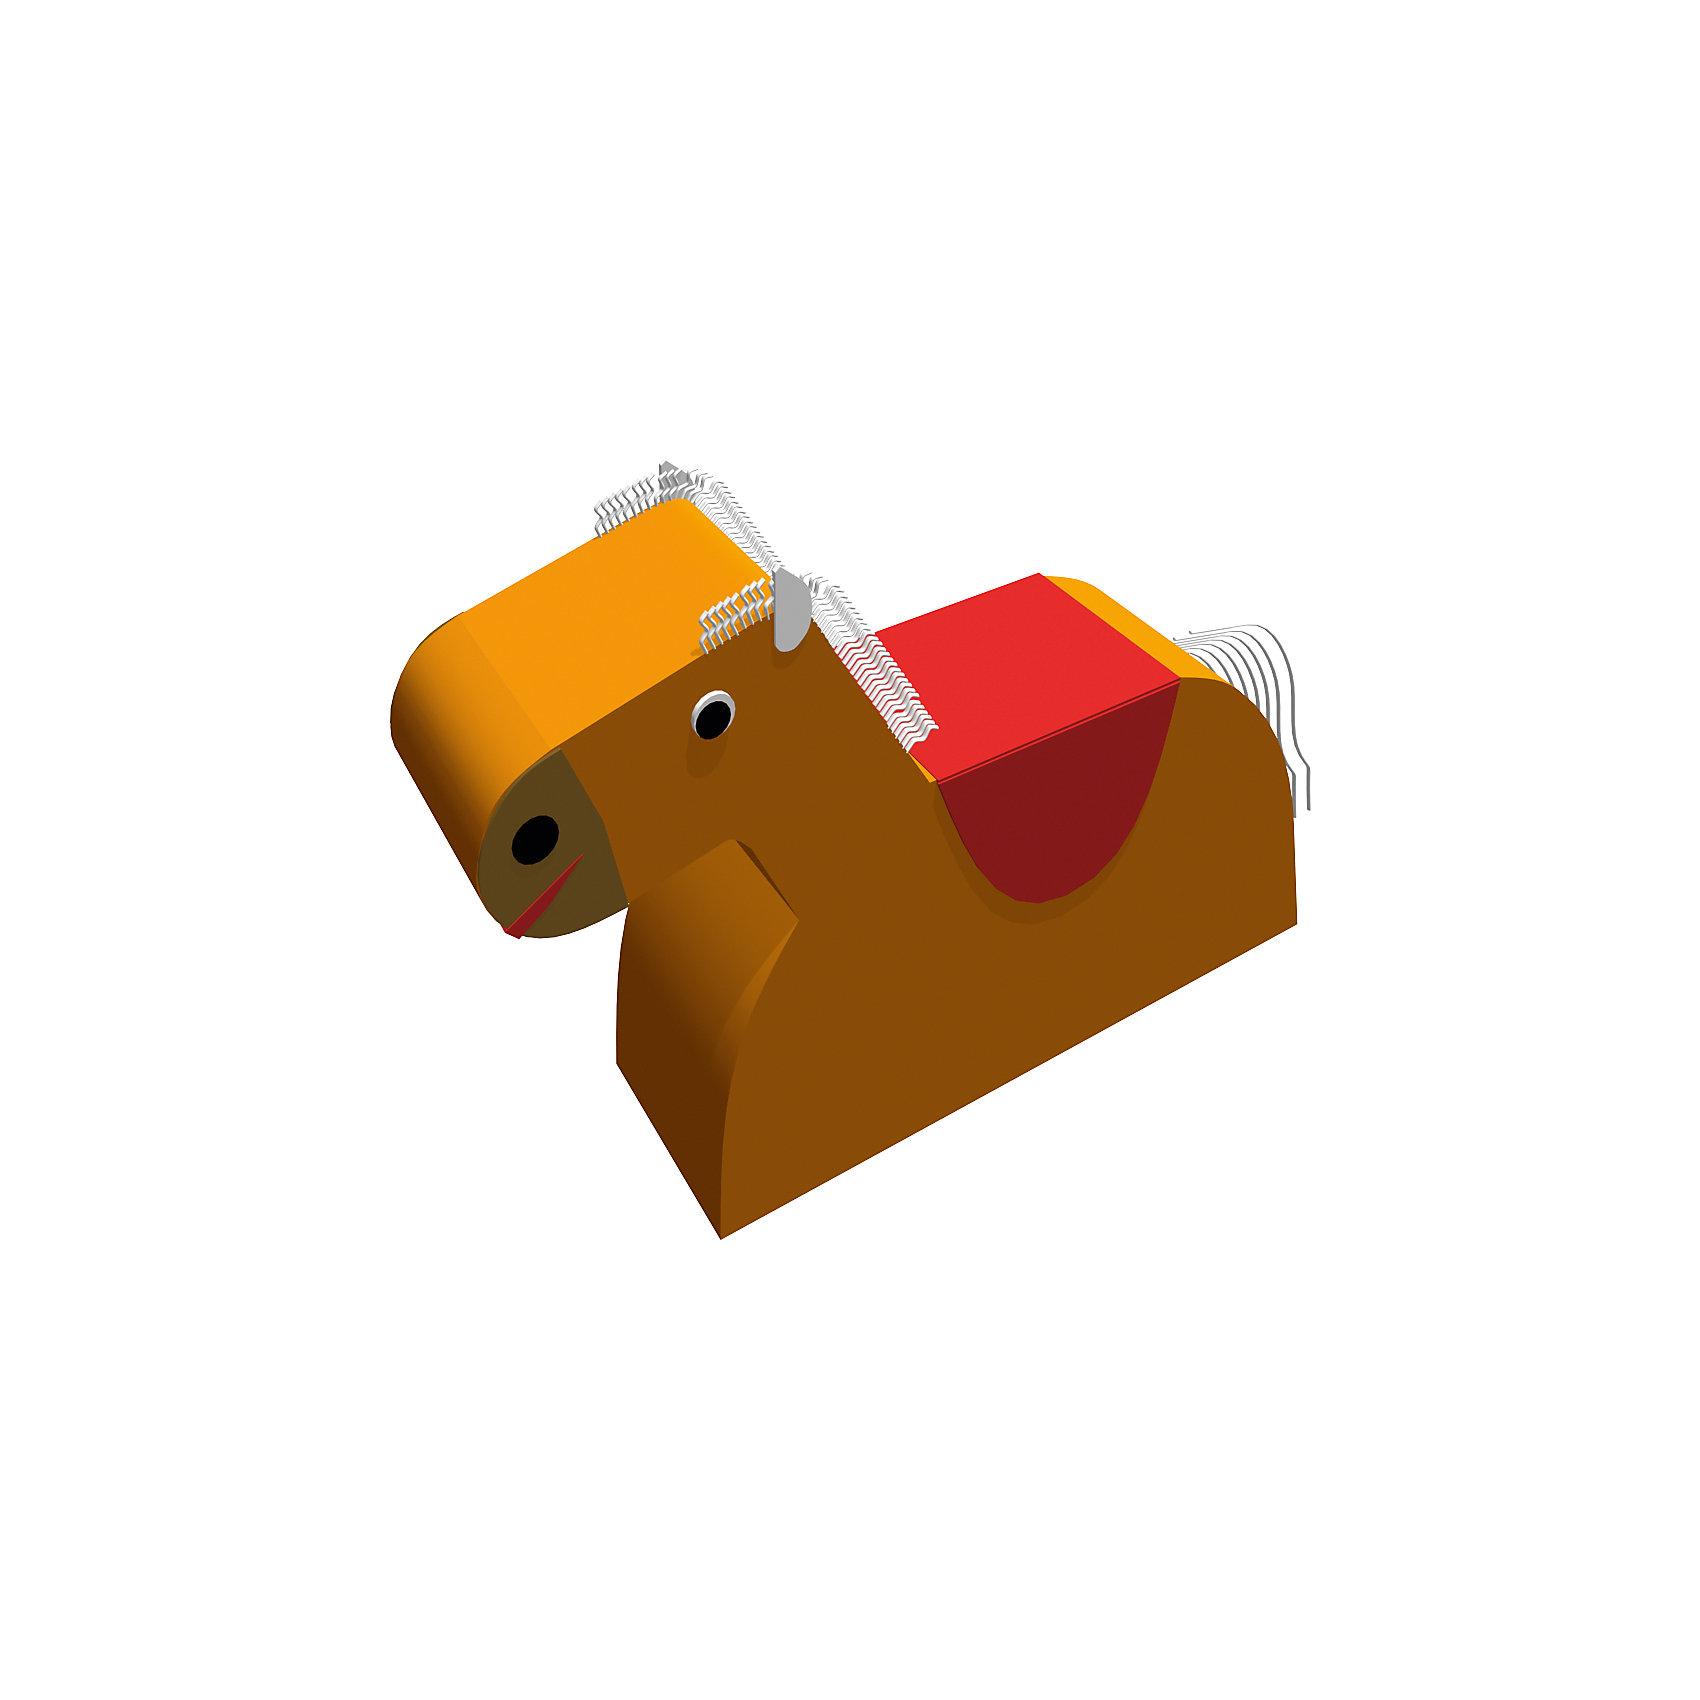 Контурная игрушка Лошадка, RomanaМебель<br>Характеристики:<br><br>• развивает вестибулярный аппарат;<br>• укрепляет мышцы;<br>• размер игрушки: 80х50х25 см;<br>• вес: 3500 грамм;<br>• размер упаковки: 80х50х25 см.<br><br>Контурная игрушка от Romana развлечет ребенка и поможет укрепить мышцы спины и ног. Игрушка подходит как для домашнего использования, так и для детских образовательных учреждений. <br><br>Для большей реалистичности лошадка дополнена гривой, вожжами и седлом со стременами. Мягкие материалы исключают травмирование ребенка во время игры. При необходимости лошадка легко очищается любыми моющими средствами.<br><br>Контурную игрушку Лошадка, Romana (Романа) вы можете купить в нашем интернет-магазине.<br><br>Ширина мм: 800<br>Глубина мм: 250<br>Высота мм: 500<br>Вес г: 3500<br>Возраст от месяцев: 36<br>Возраст до месяцев: 60<br>Пол: Унисекс<br>Возраст: Детский<br>SKU: 6742456